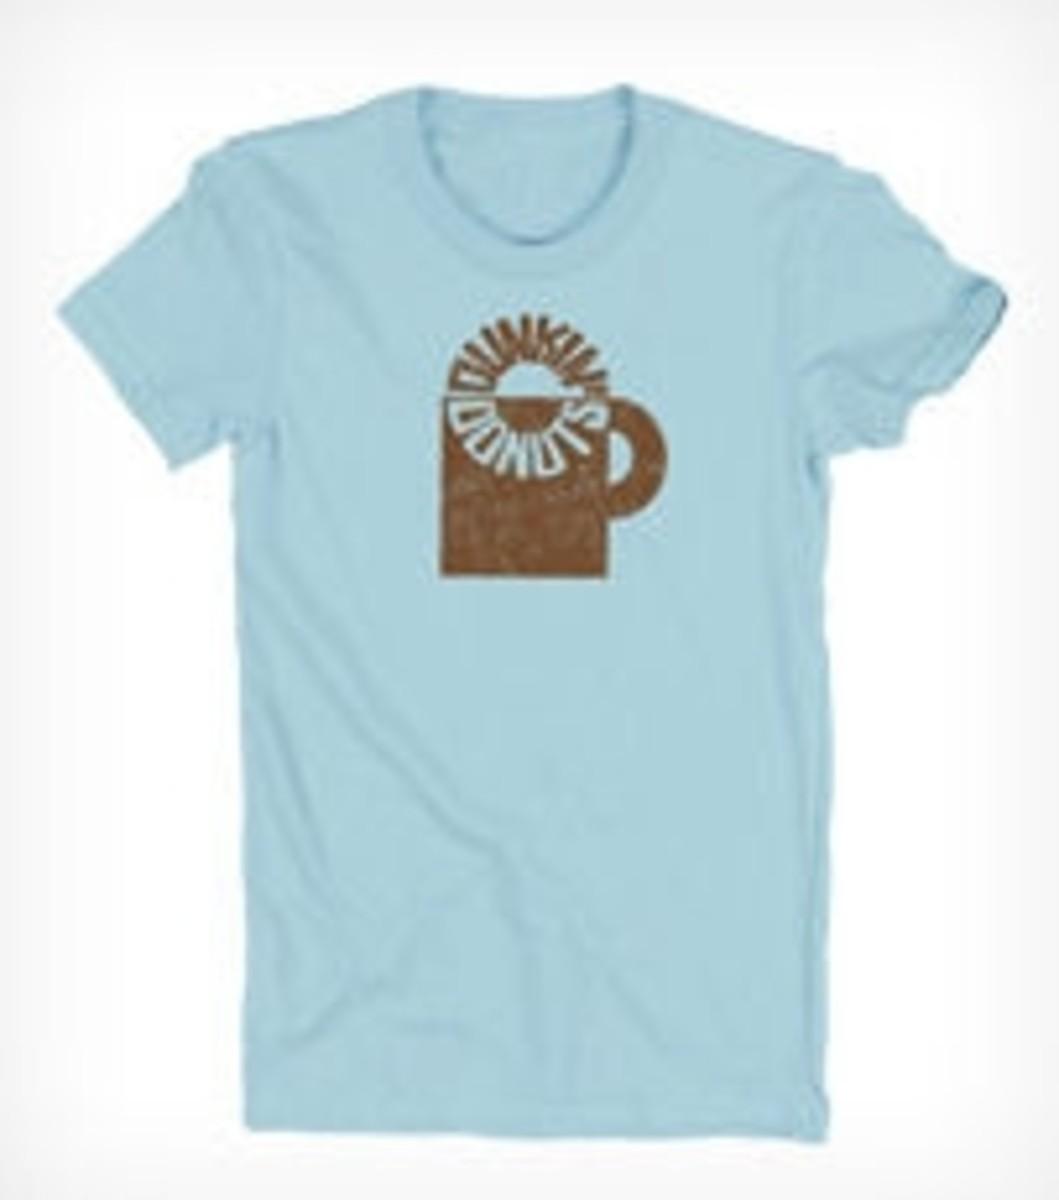 Dunkin Donuts t-shirts